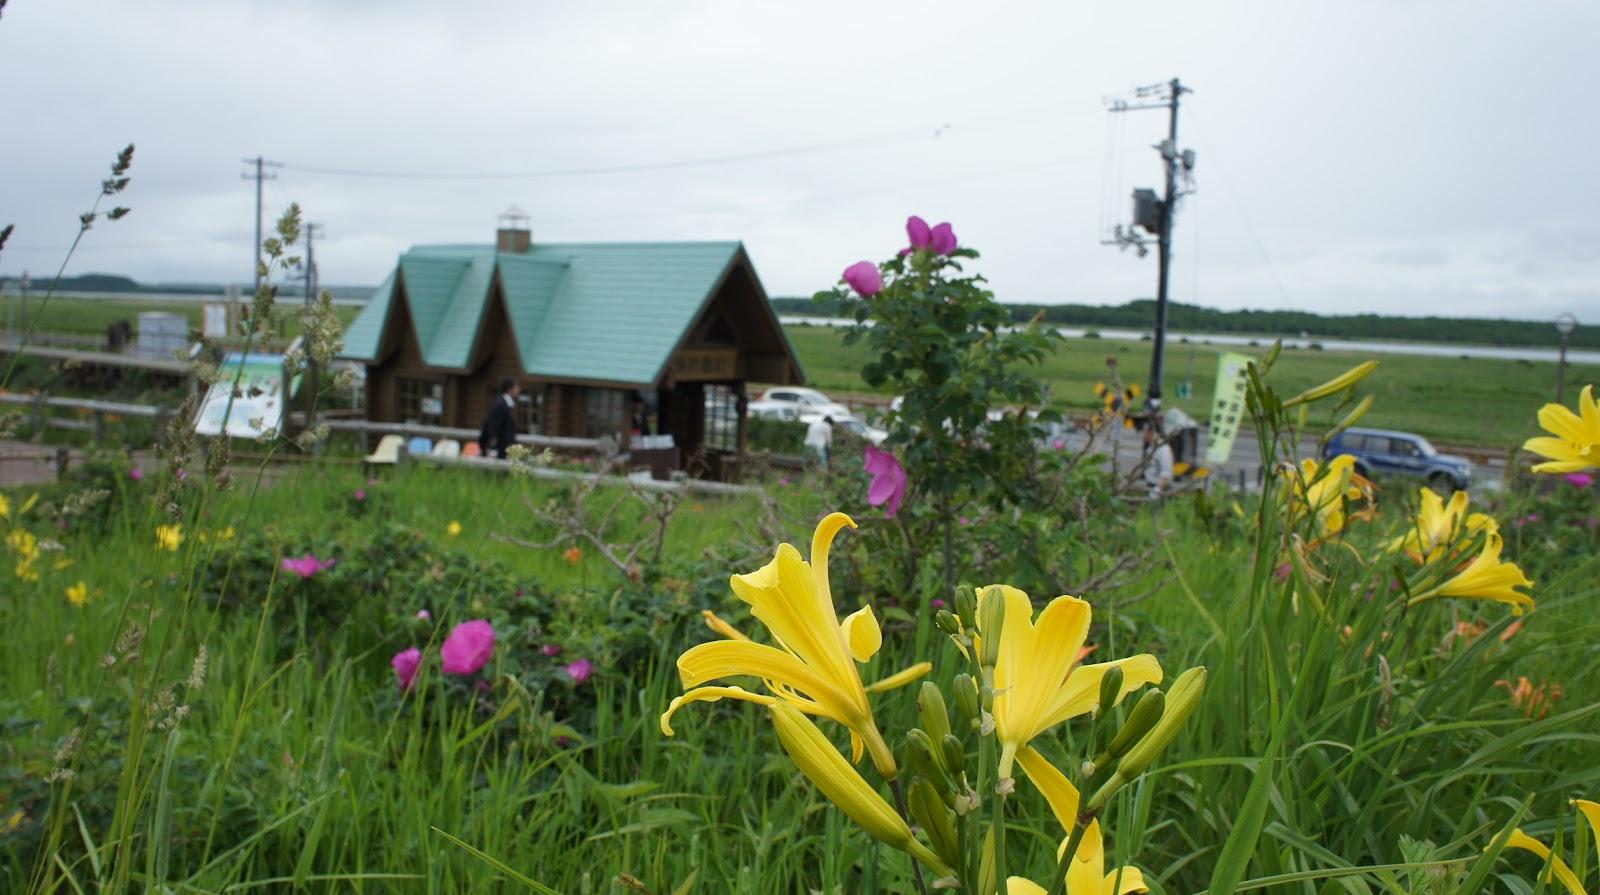 Enjoy-Now2 一起享受當下!: 北海道露營紀事 Hokkaido Camping day5 - 也太自然了吧! @知床野營場